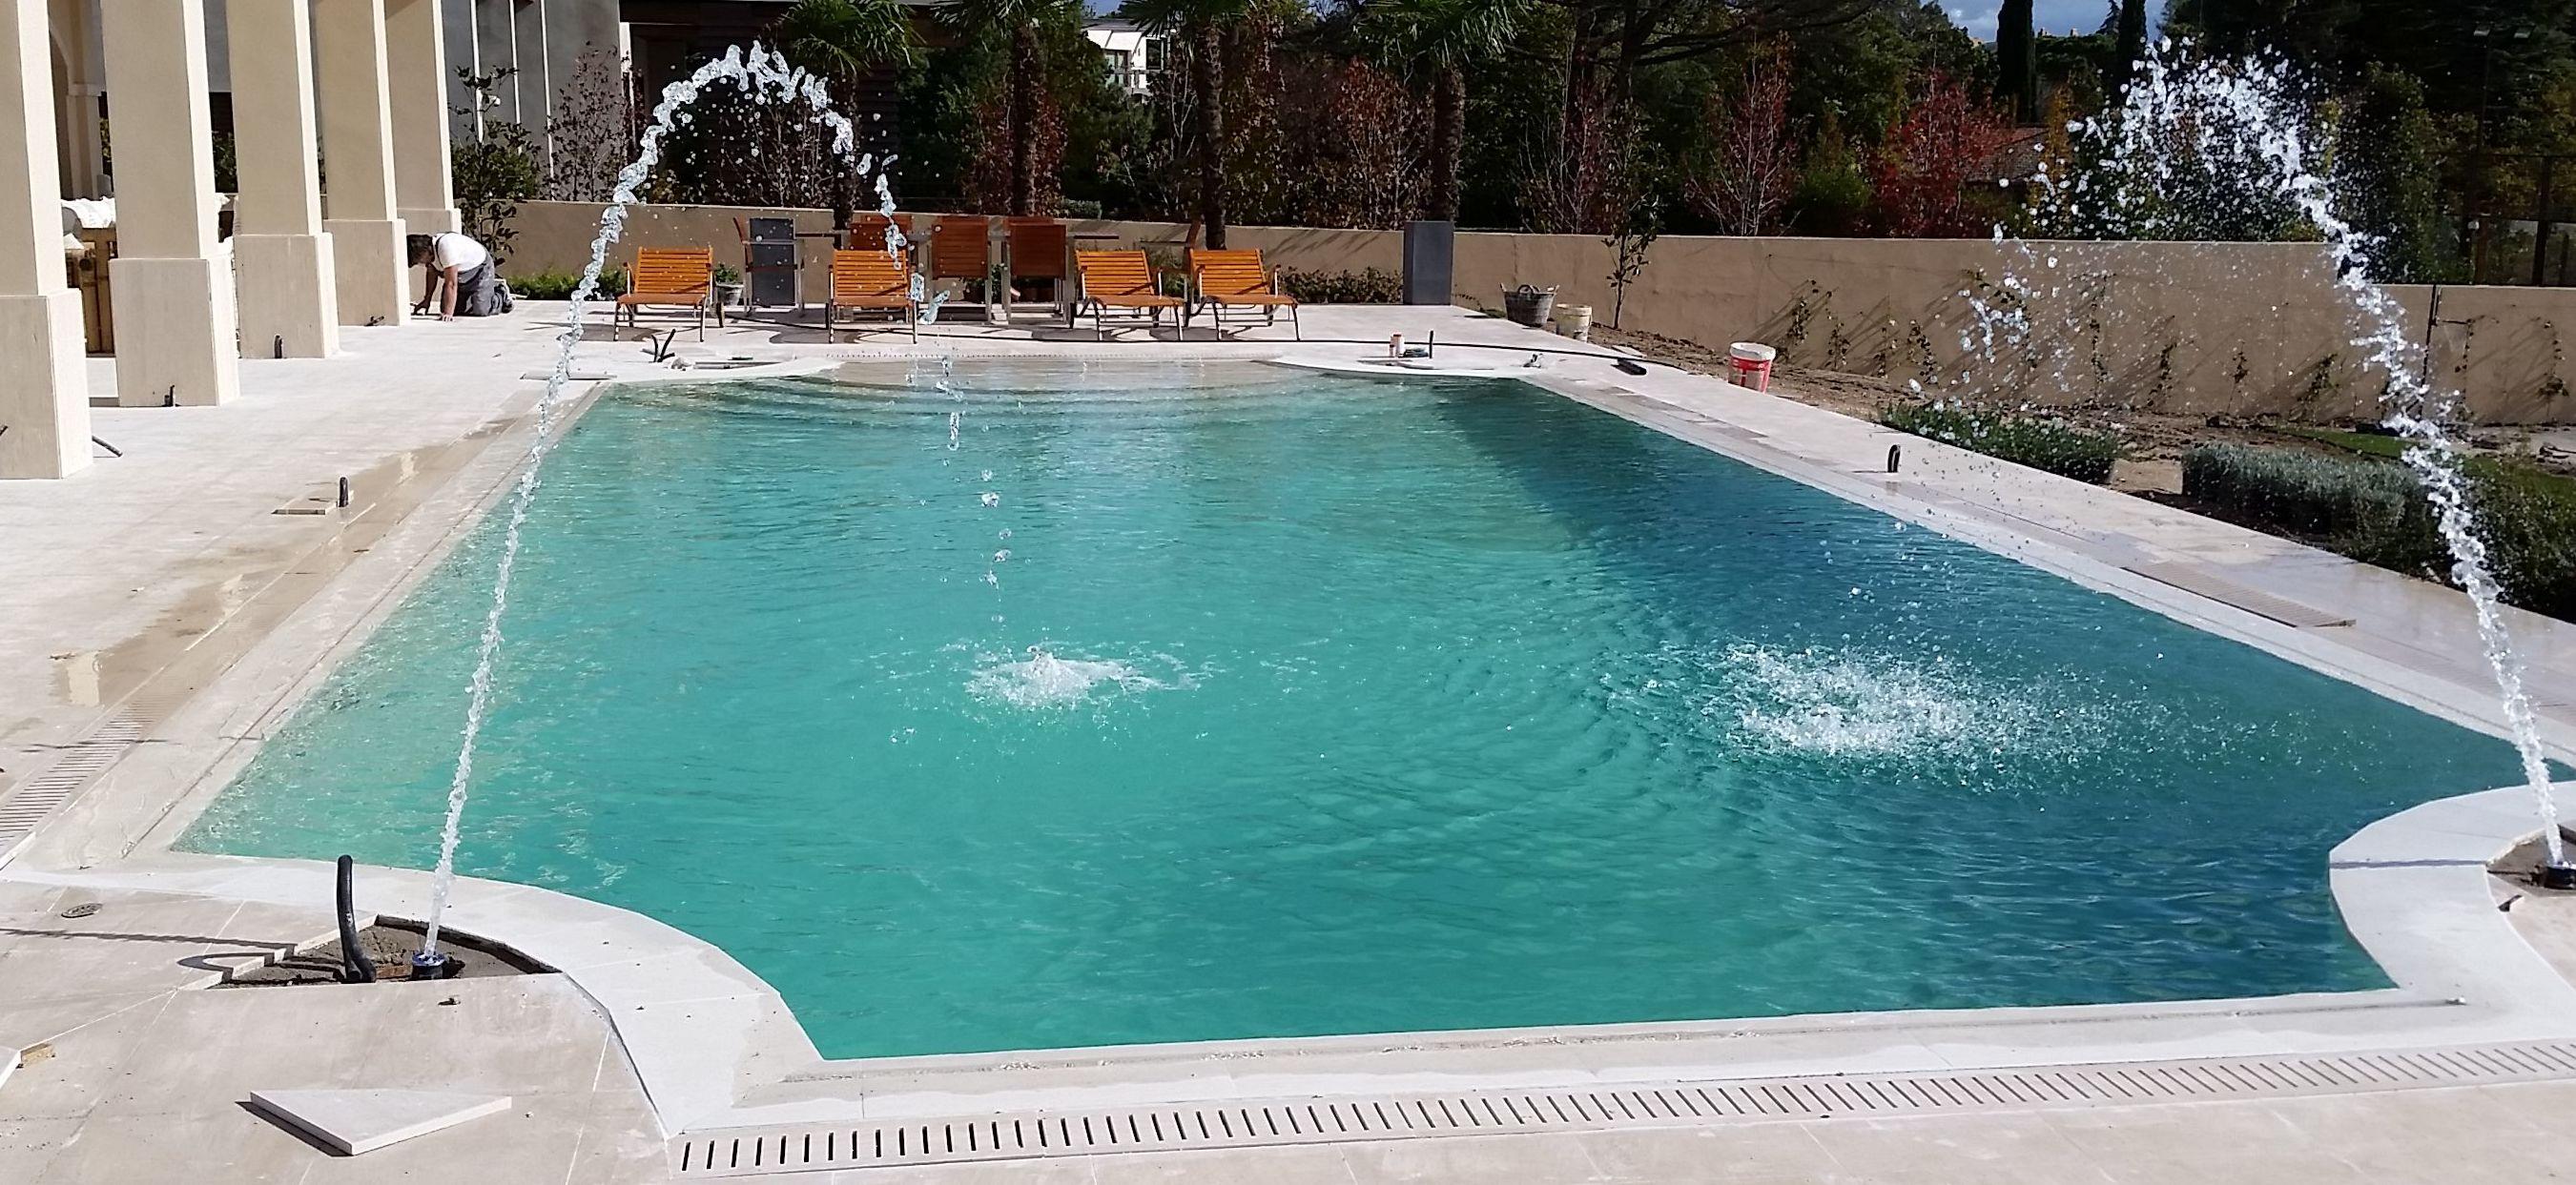 Construcci n de piscinas desbordante for Construcion de piscinas